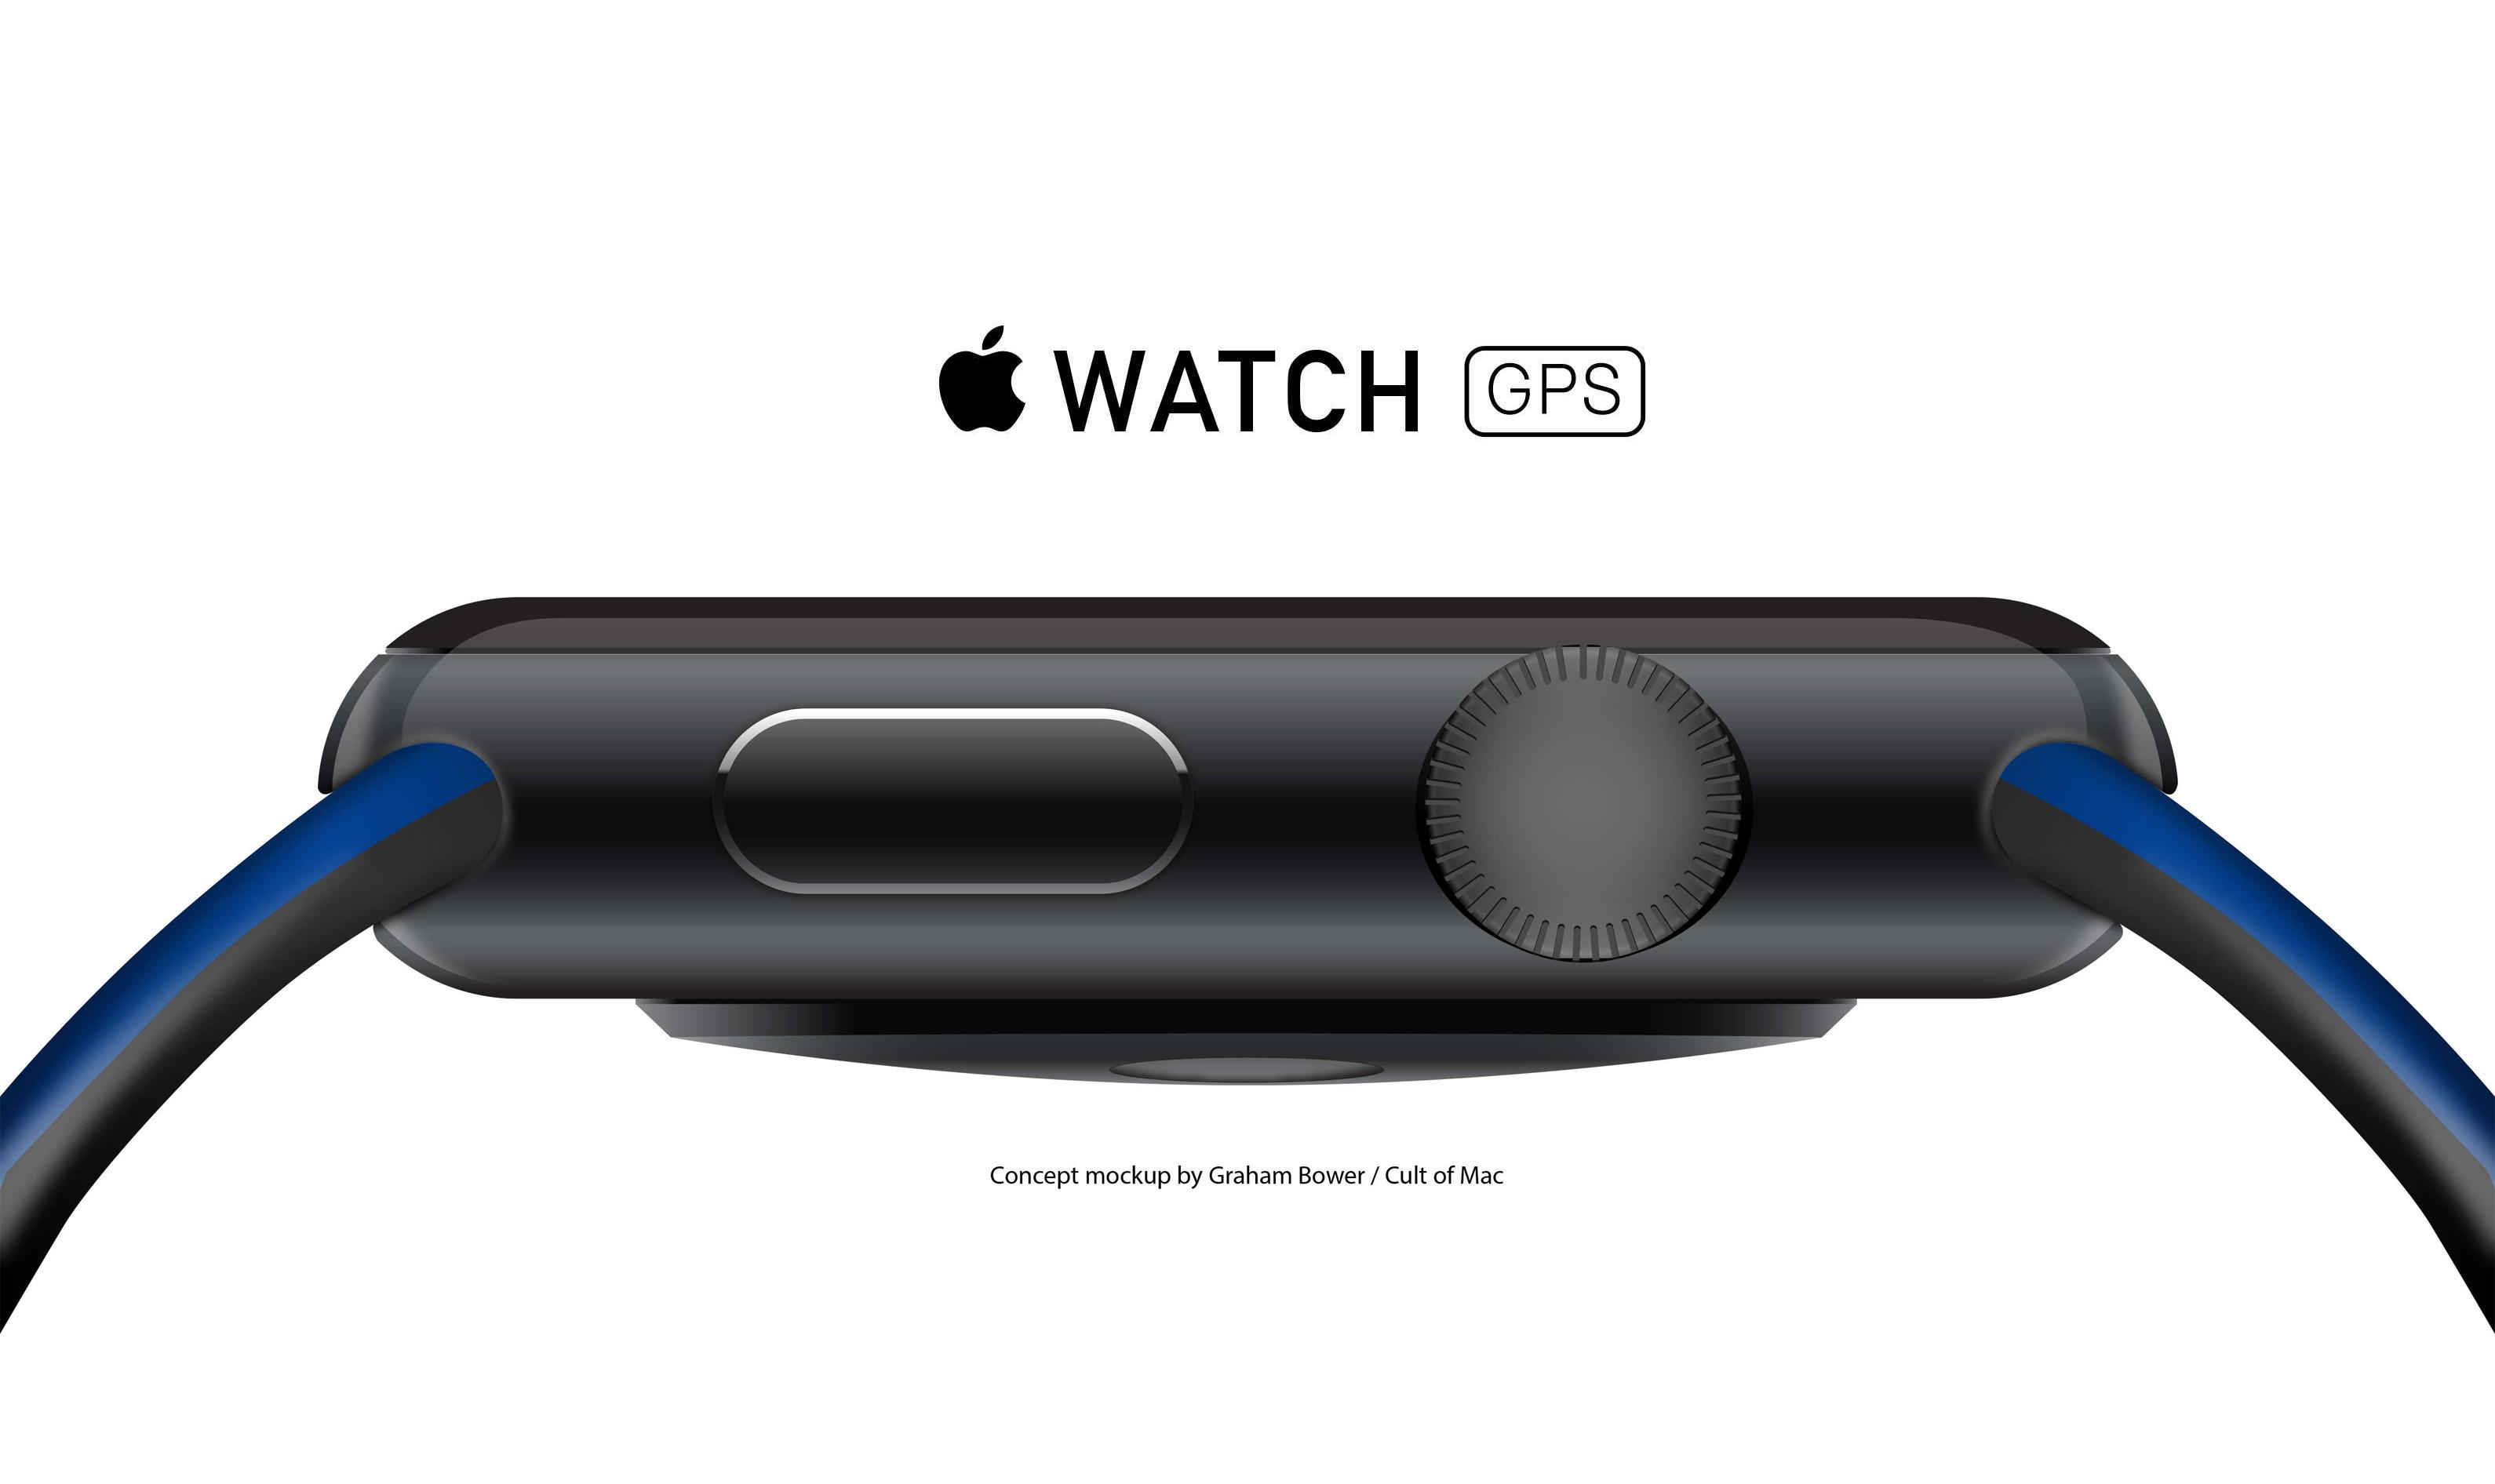 apple_watch_2_gps_side_view